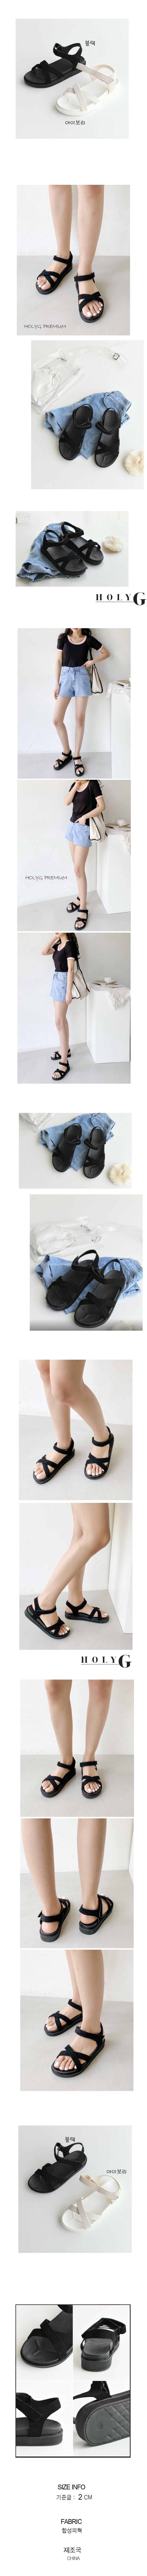 603 로스여성 여름 플리플랍 샌들 (2cm) - 카플스, 29,900원, 샌들/슬리퍼, 샌들